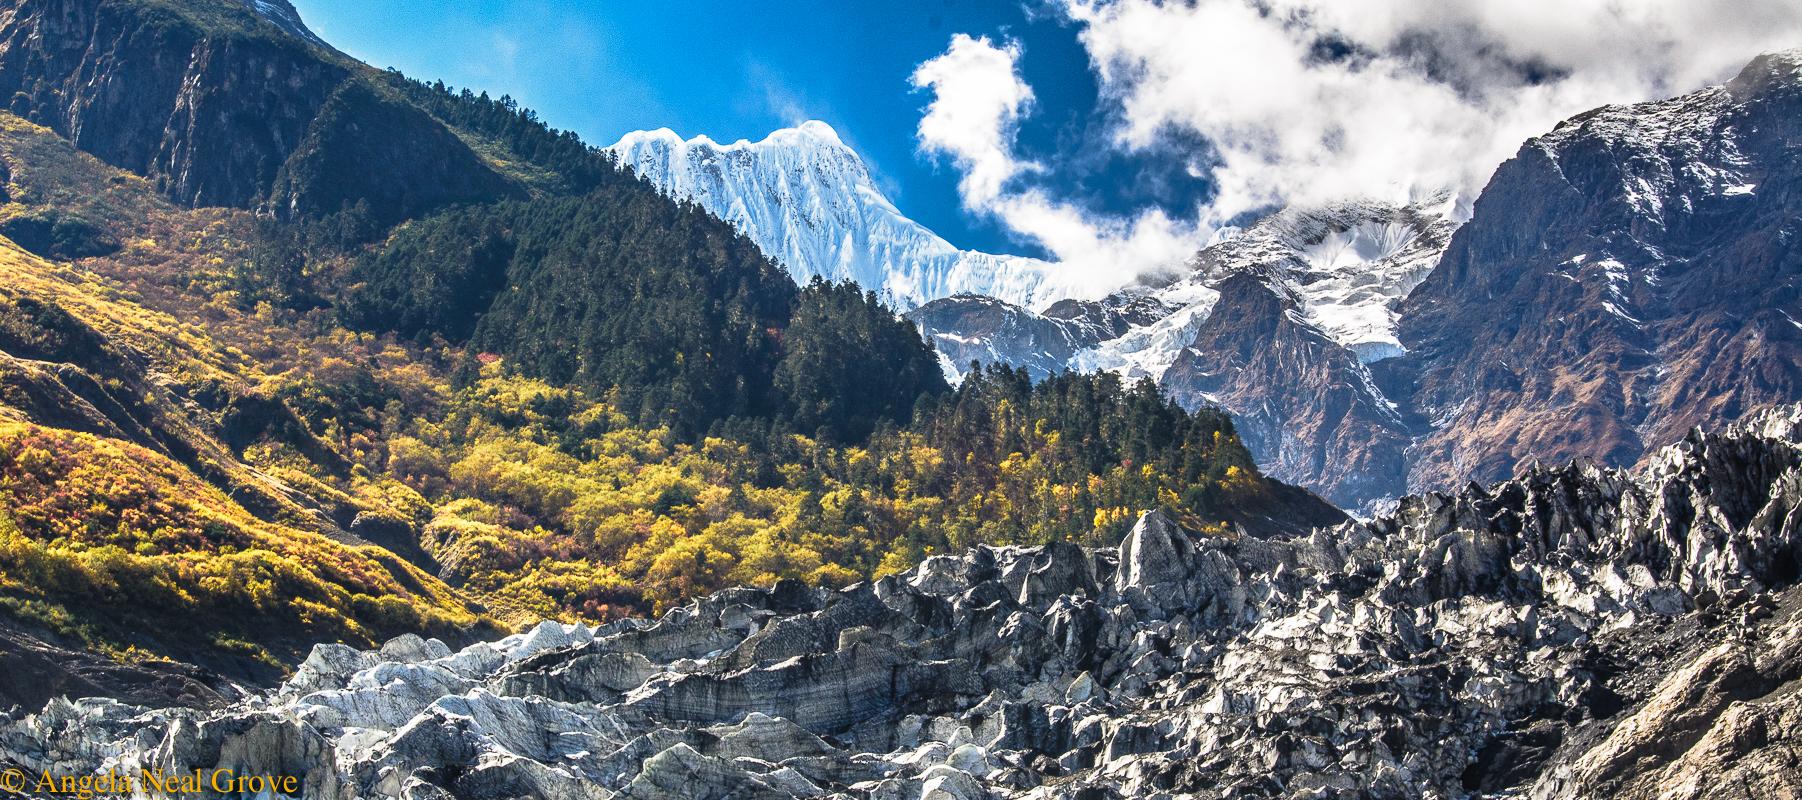 Shangri-La: Glacier and ice walls on Mt. Kawagebo. Angela Neal Grove